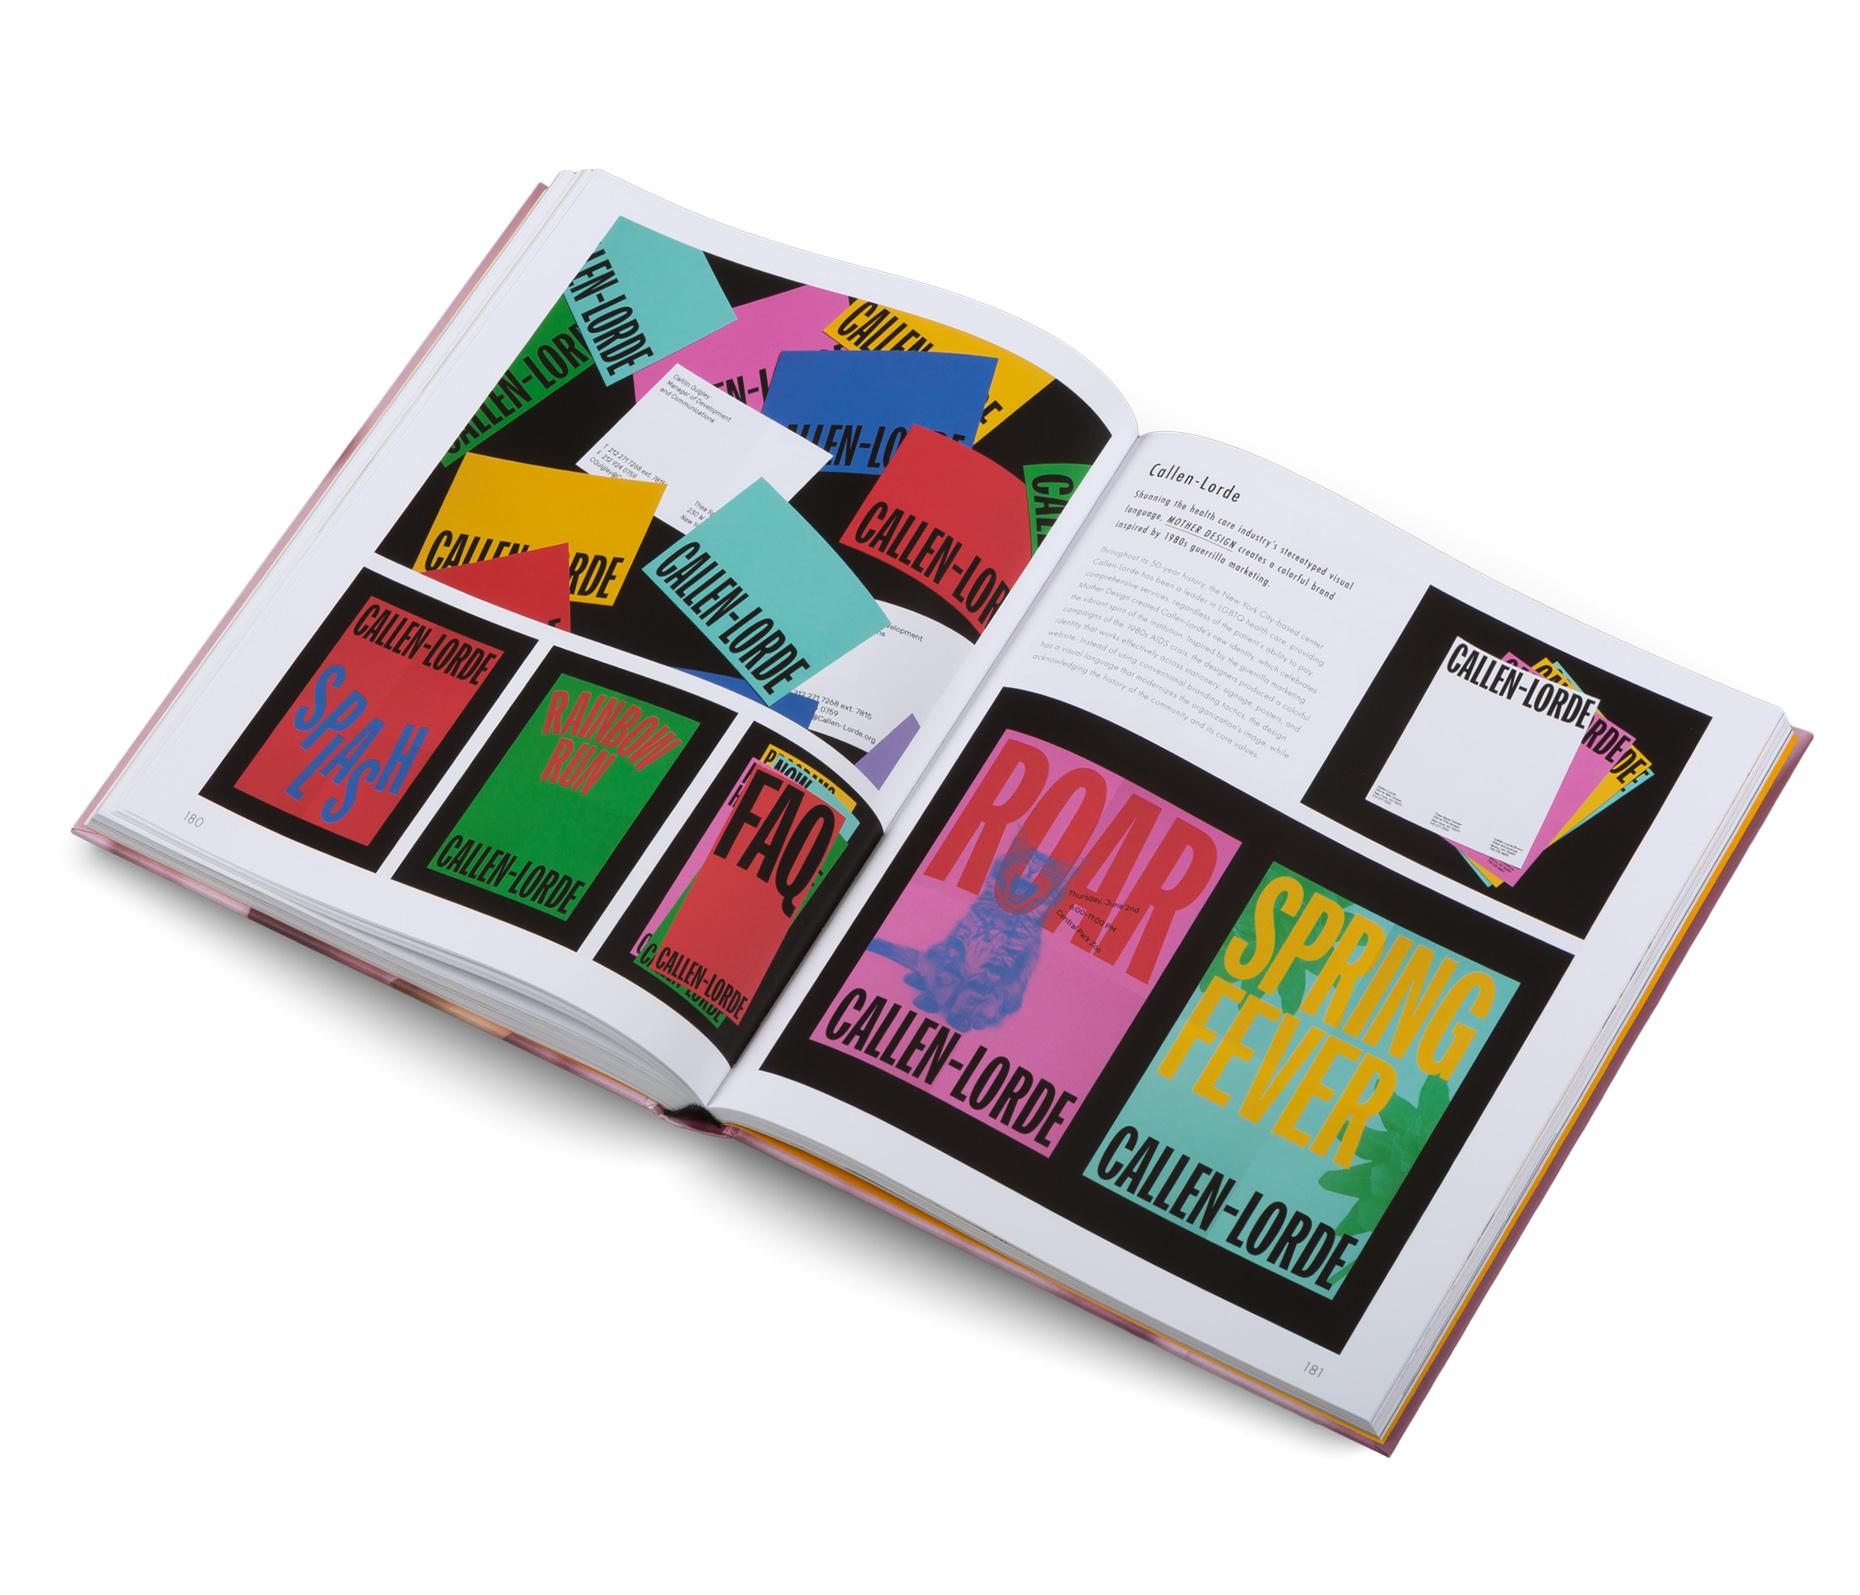 Upstart_graphicdesign_branding_book_logo_gestalten_inside3_2000xkopie.jpg